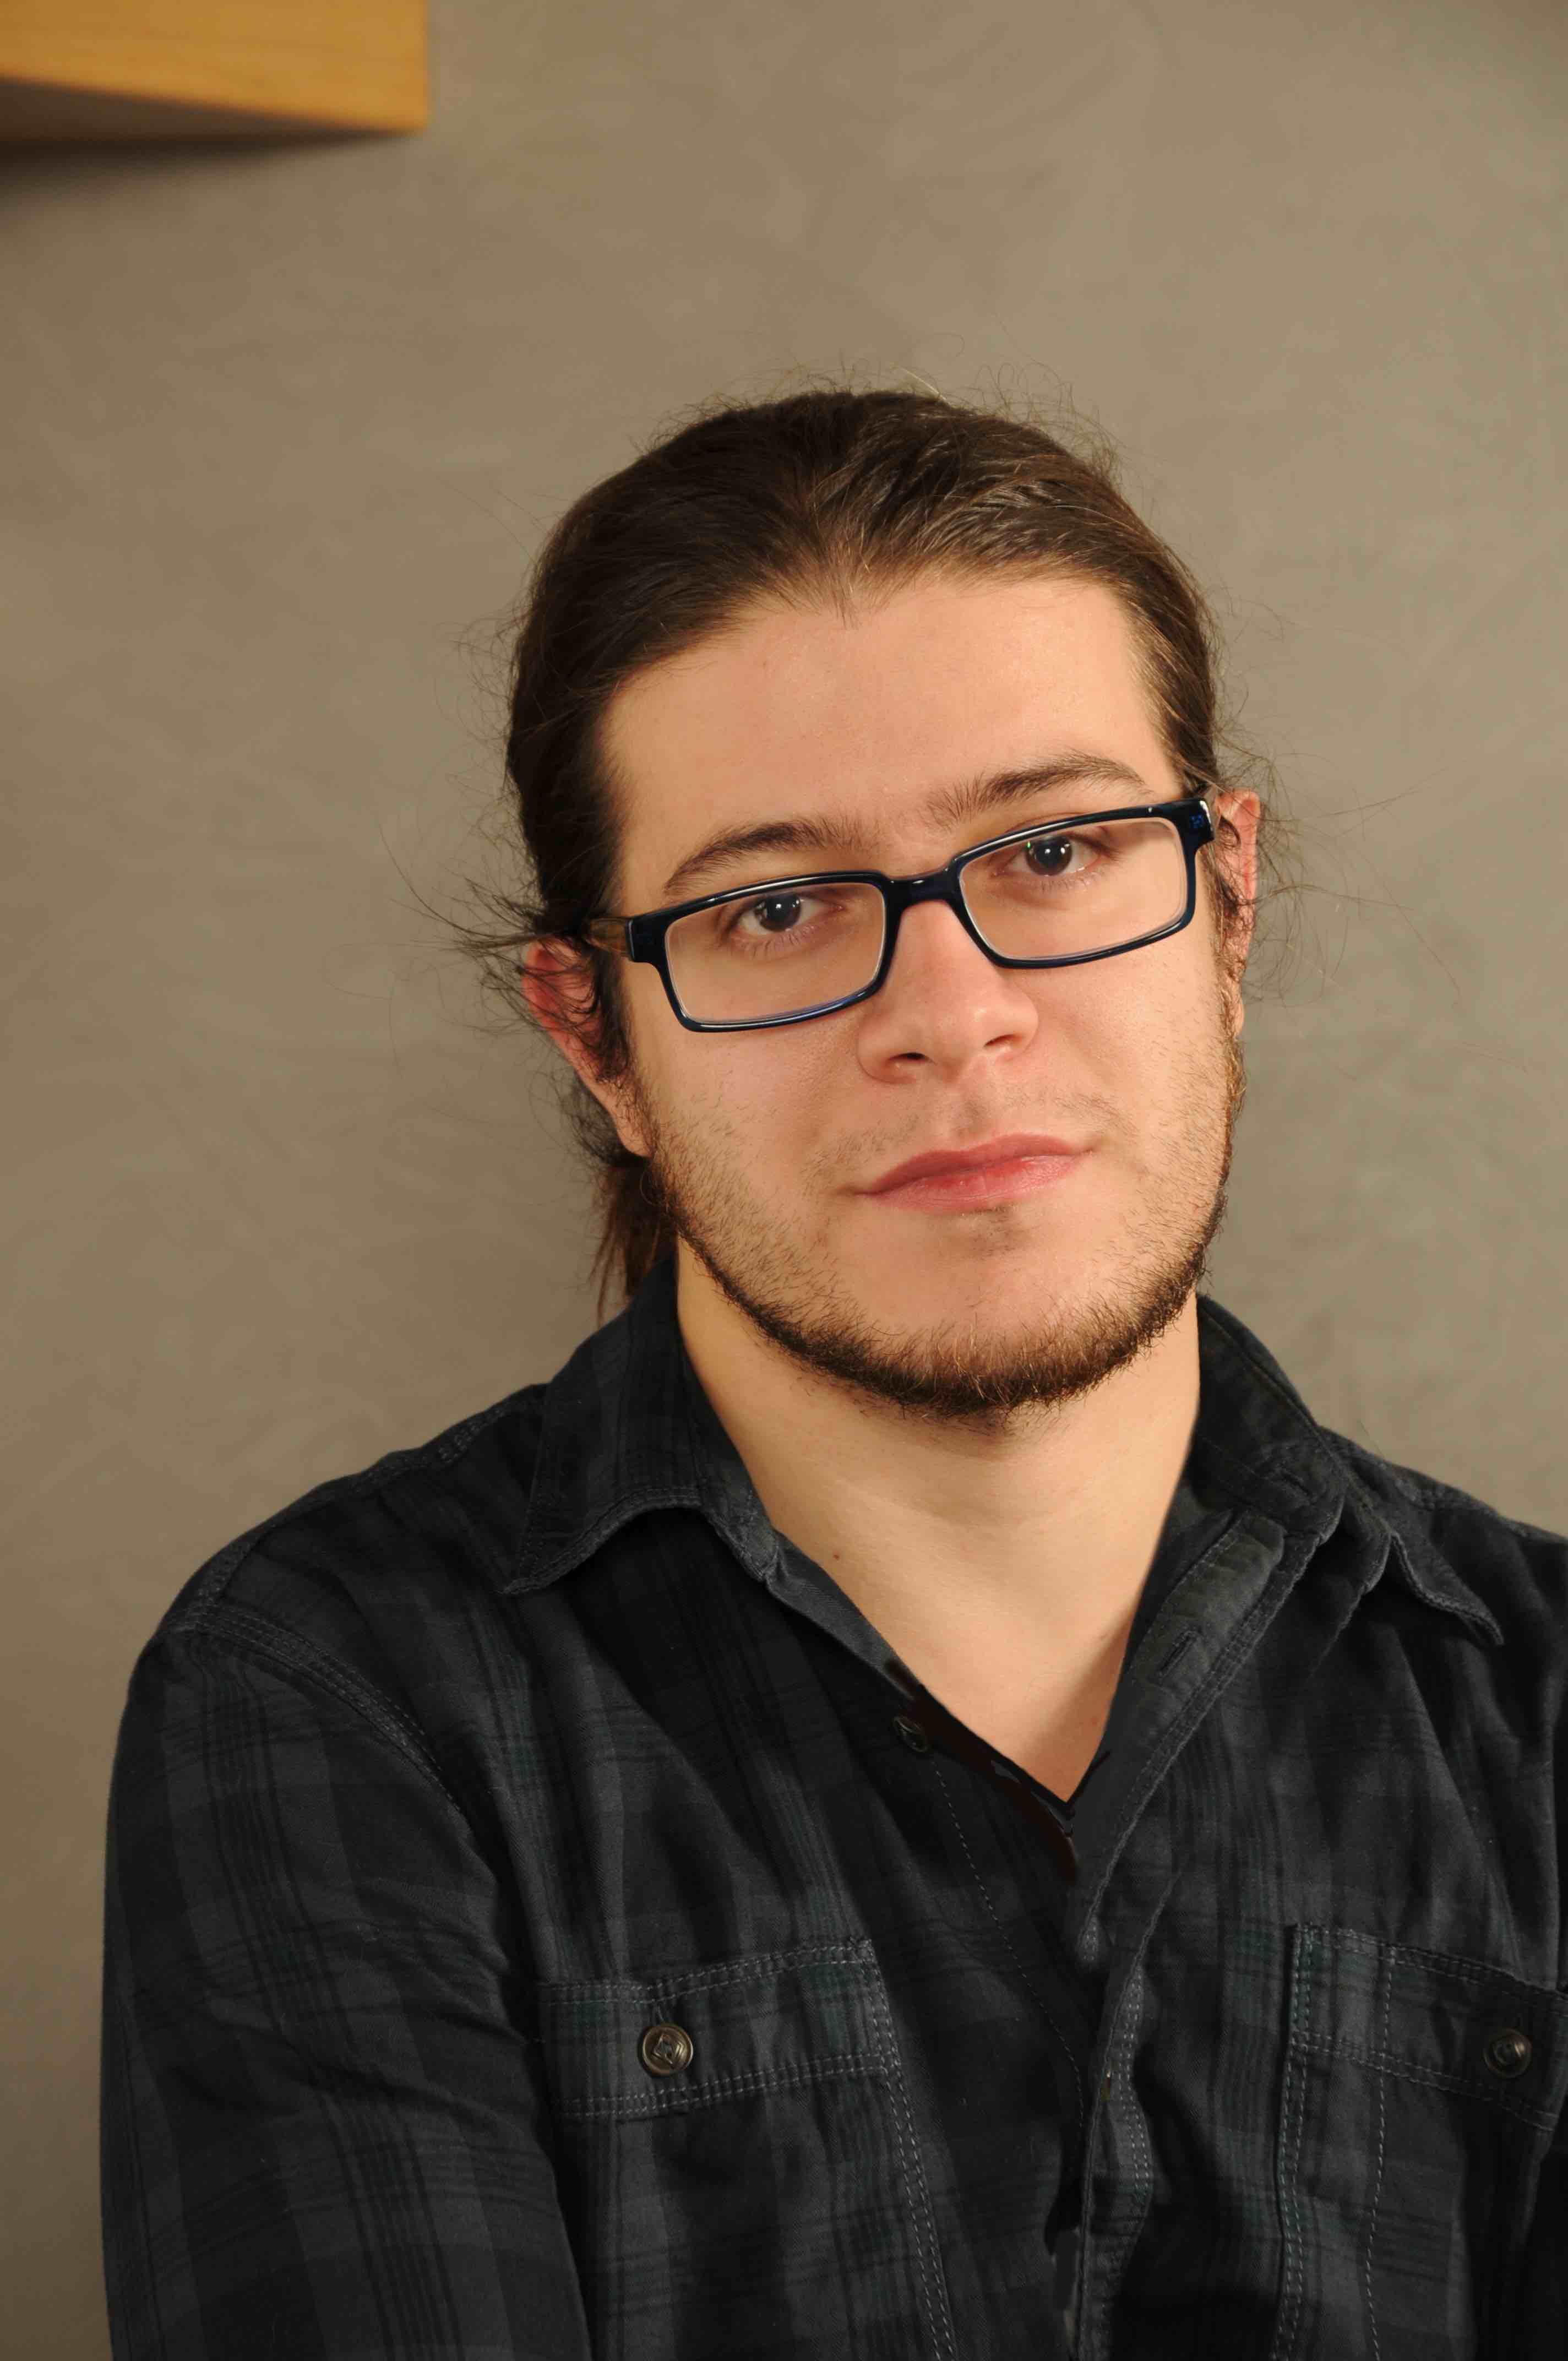 Leonardo's photo